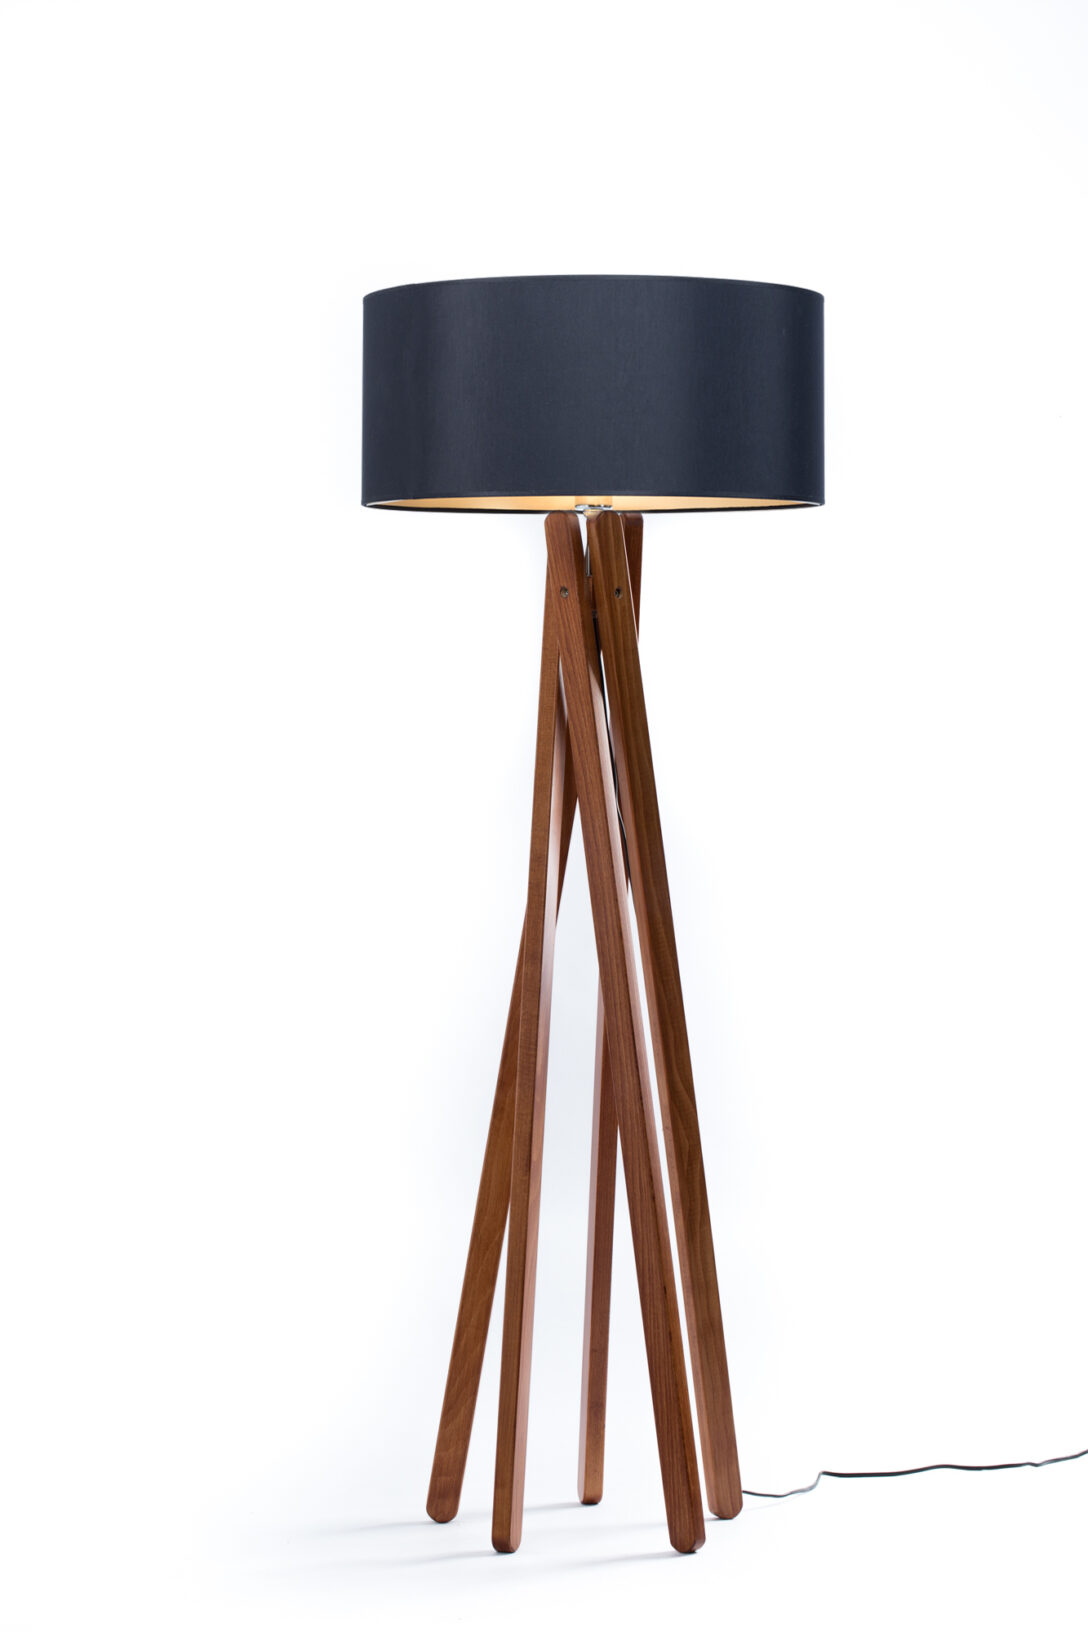 Large Size of Ikea Stehlampe Holz Wohnzimmer Poco Stehlampen Modern Dimmbar Led Loungemöbel Garten Holzhaus Holzregal Küche Betten Massivholz Esstisch Sofa Mit Holzfüßen Wohnzimmer Ikea Stehlampe Holz